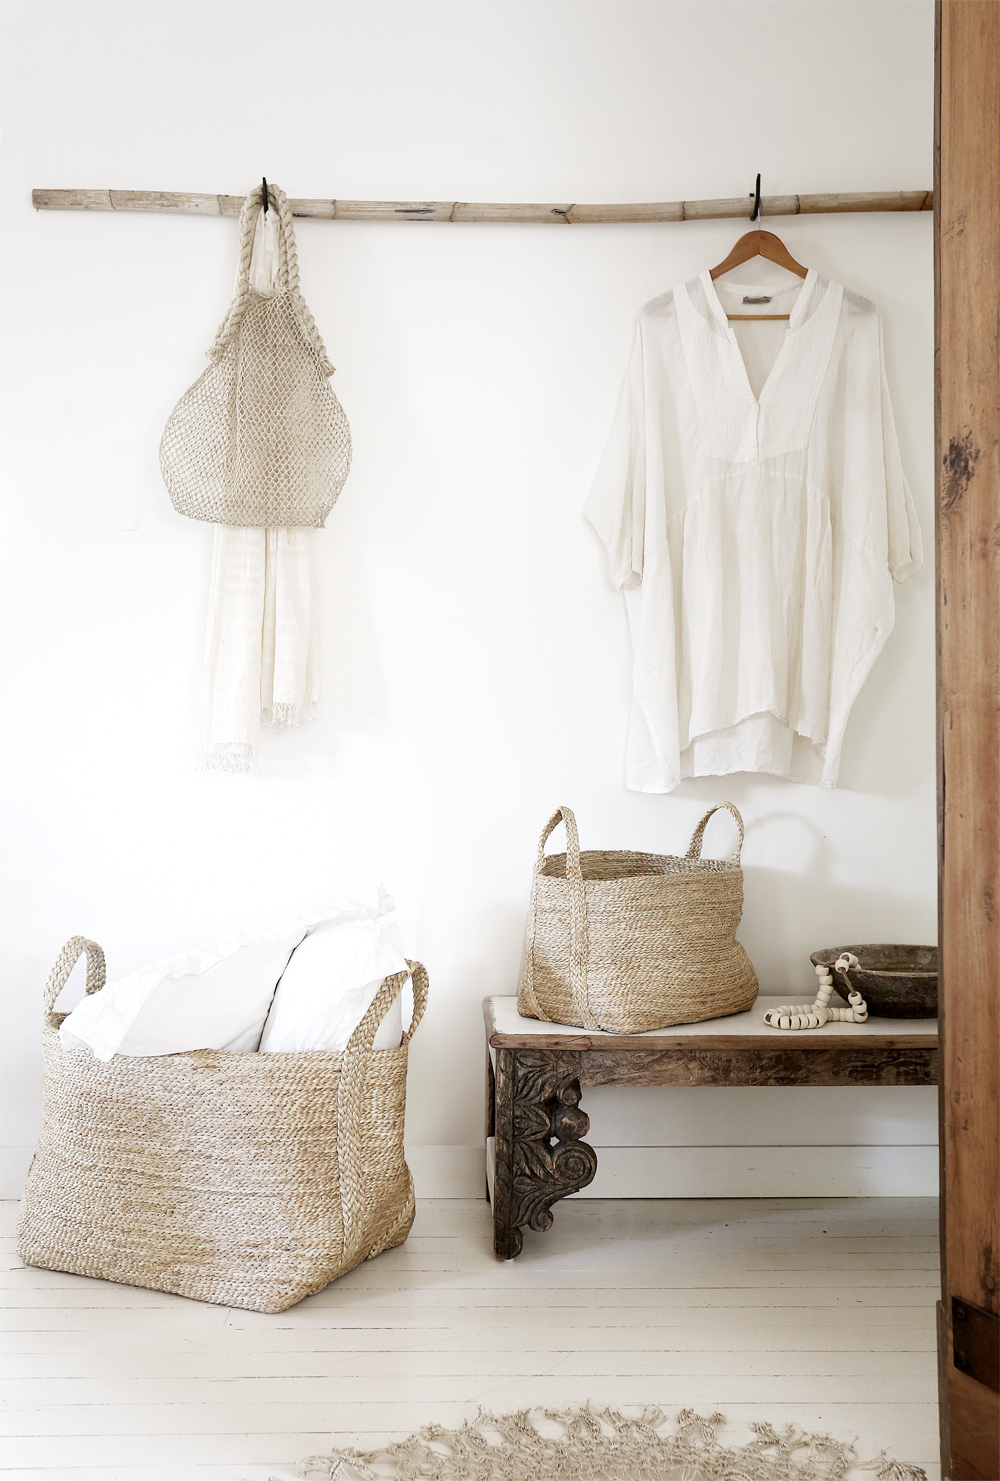 Basket Making Jute : Natural large jute storing basket ohmyhome